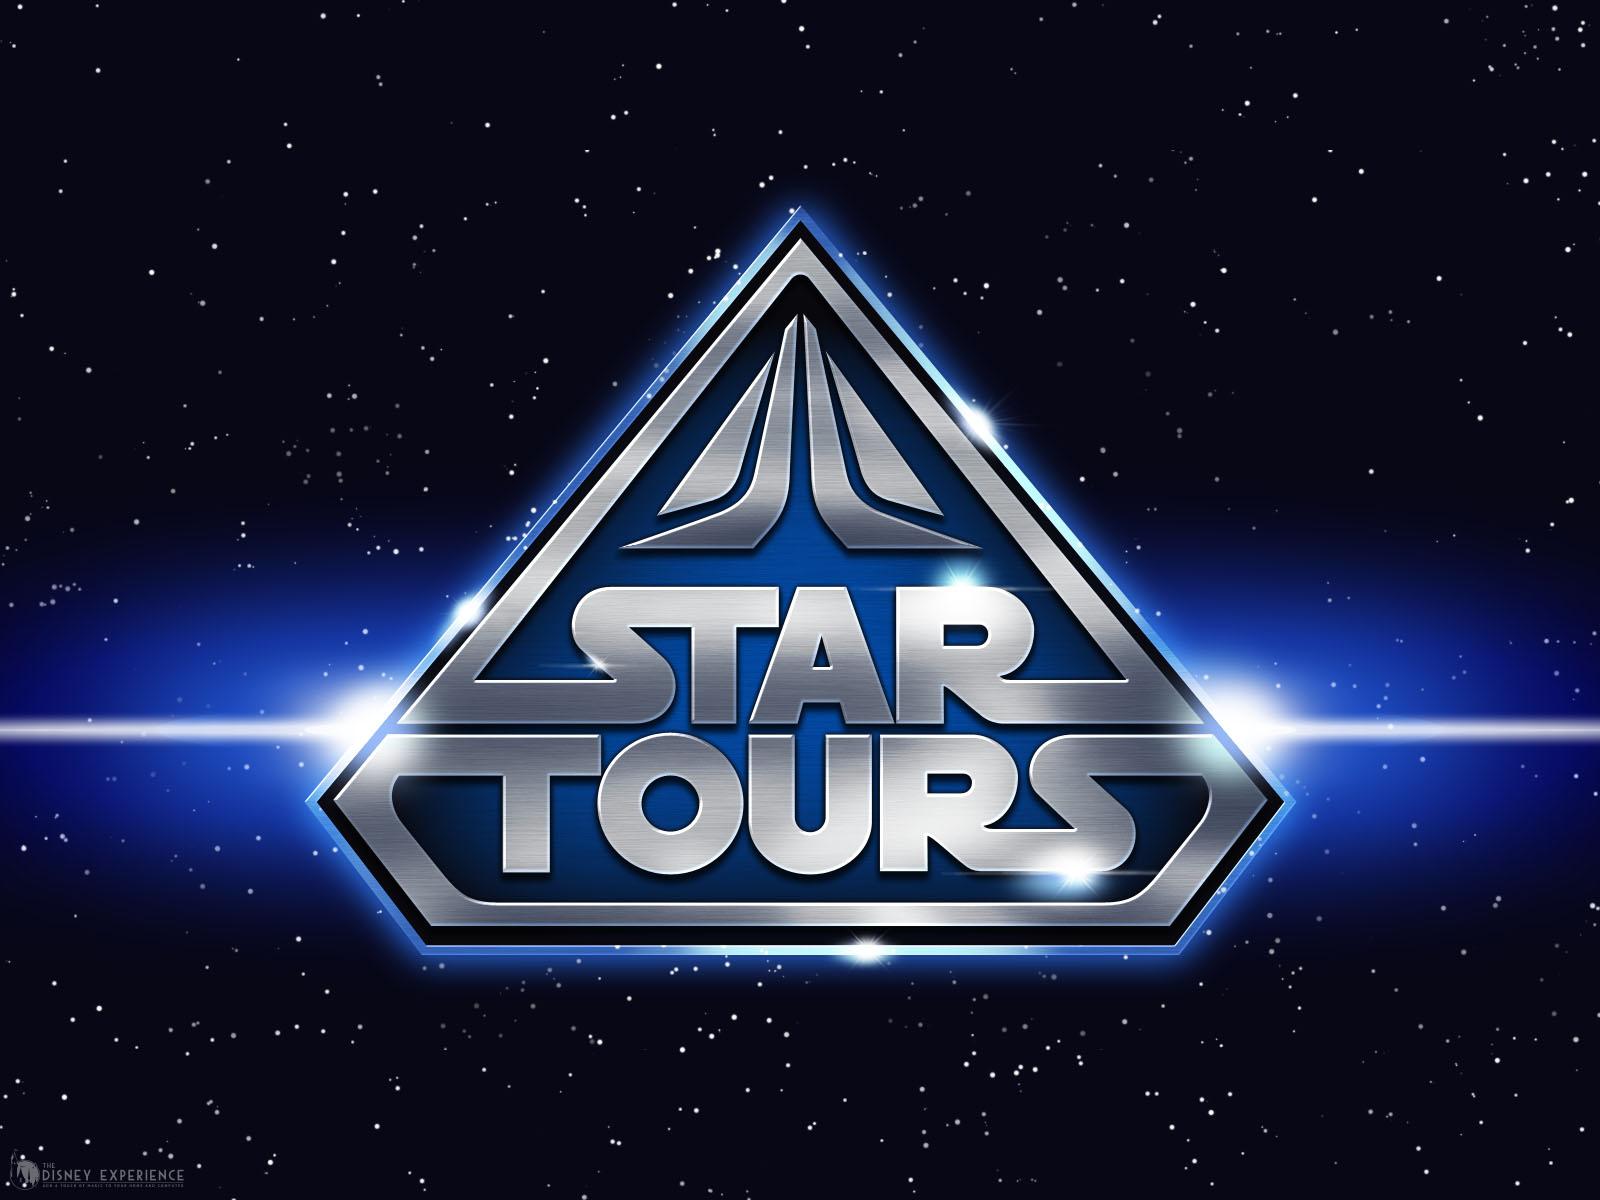 Star Tours 2 silver 1600x1200